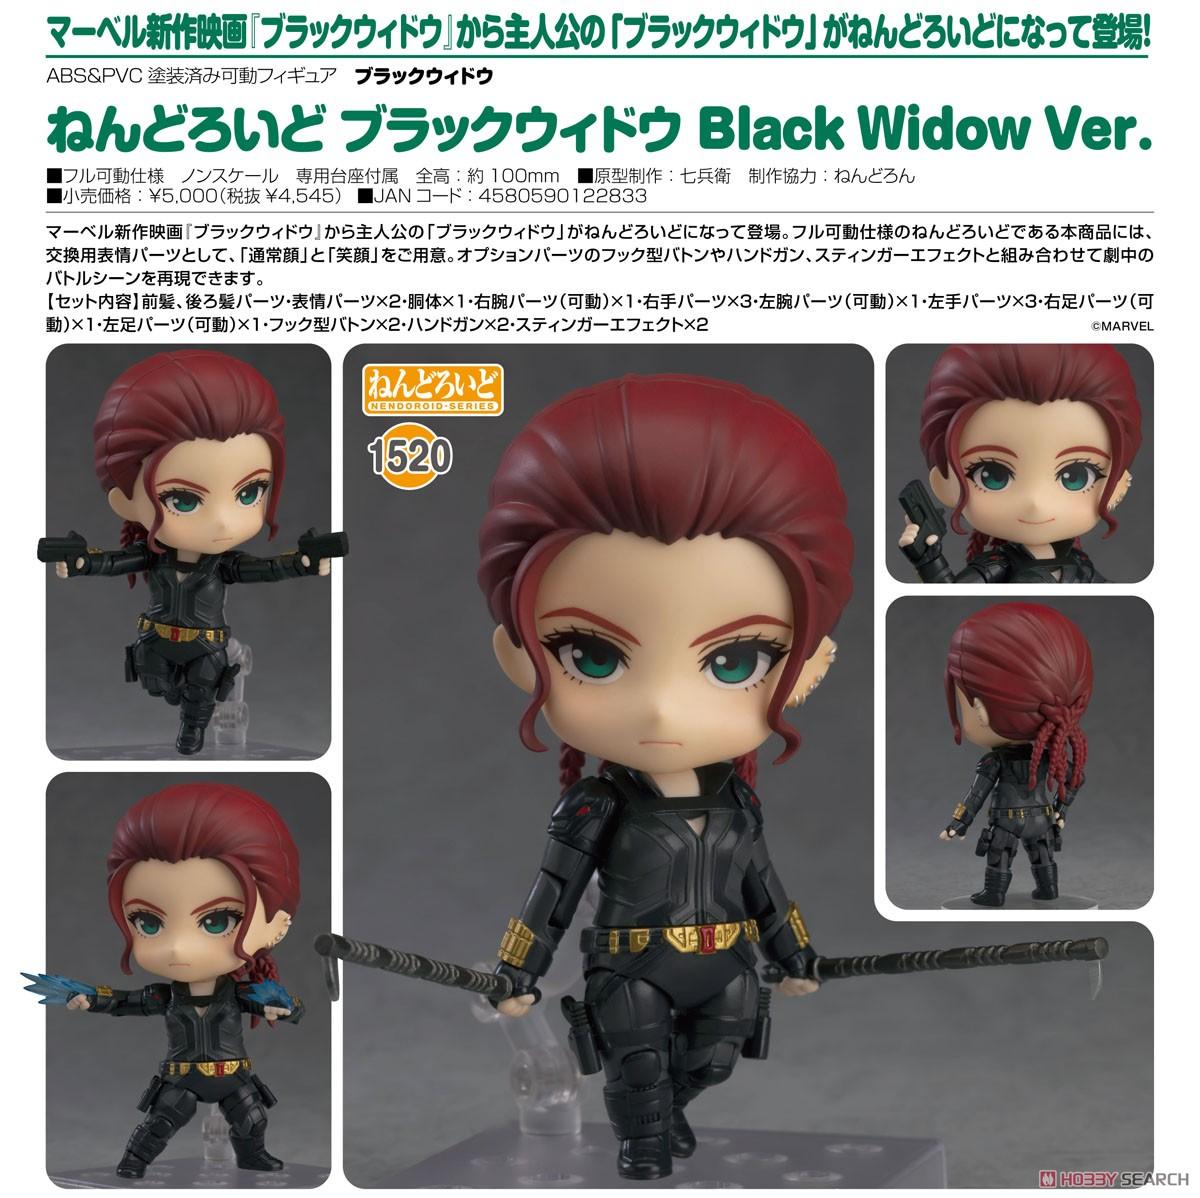 ねんどろいど『ブラックウィドウ Black Widow Ver. DX』デフォルメ可動フィギュア-010